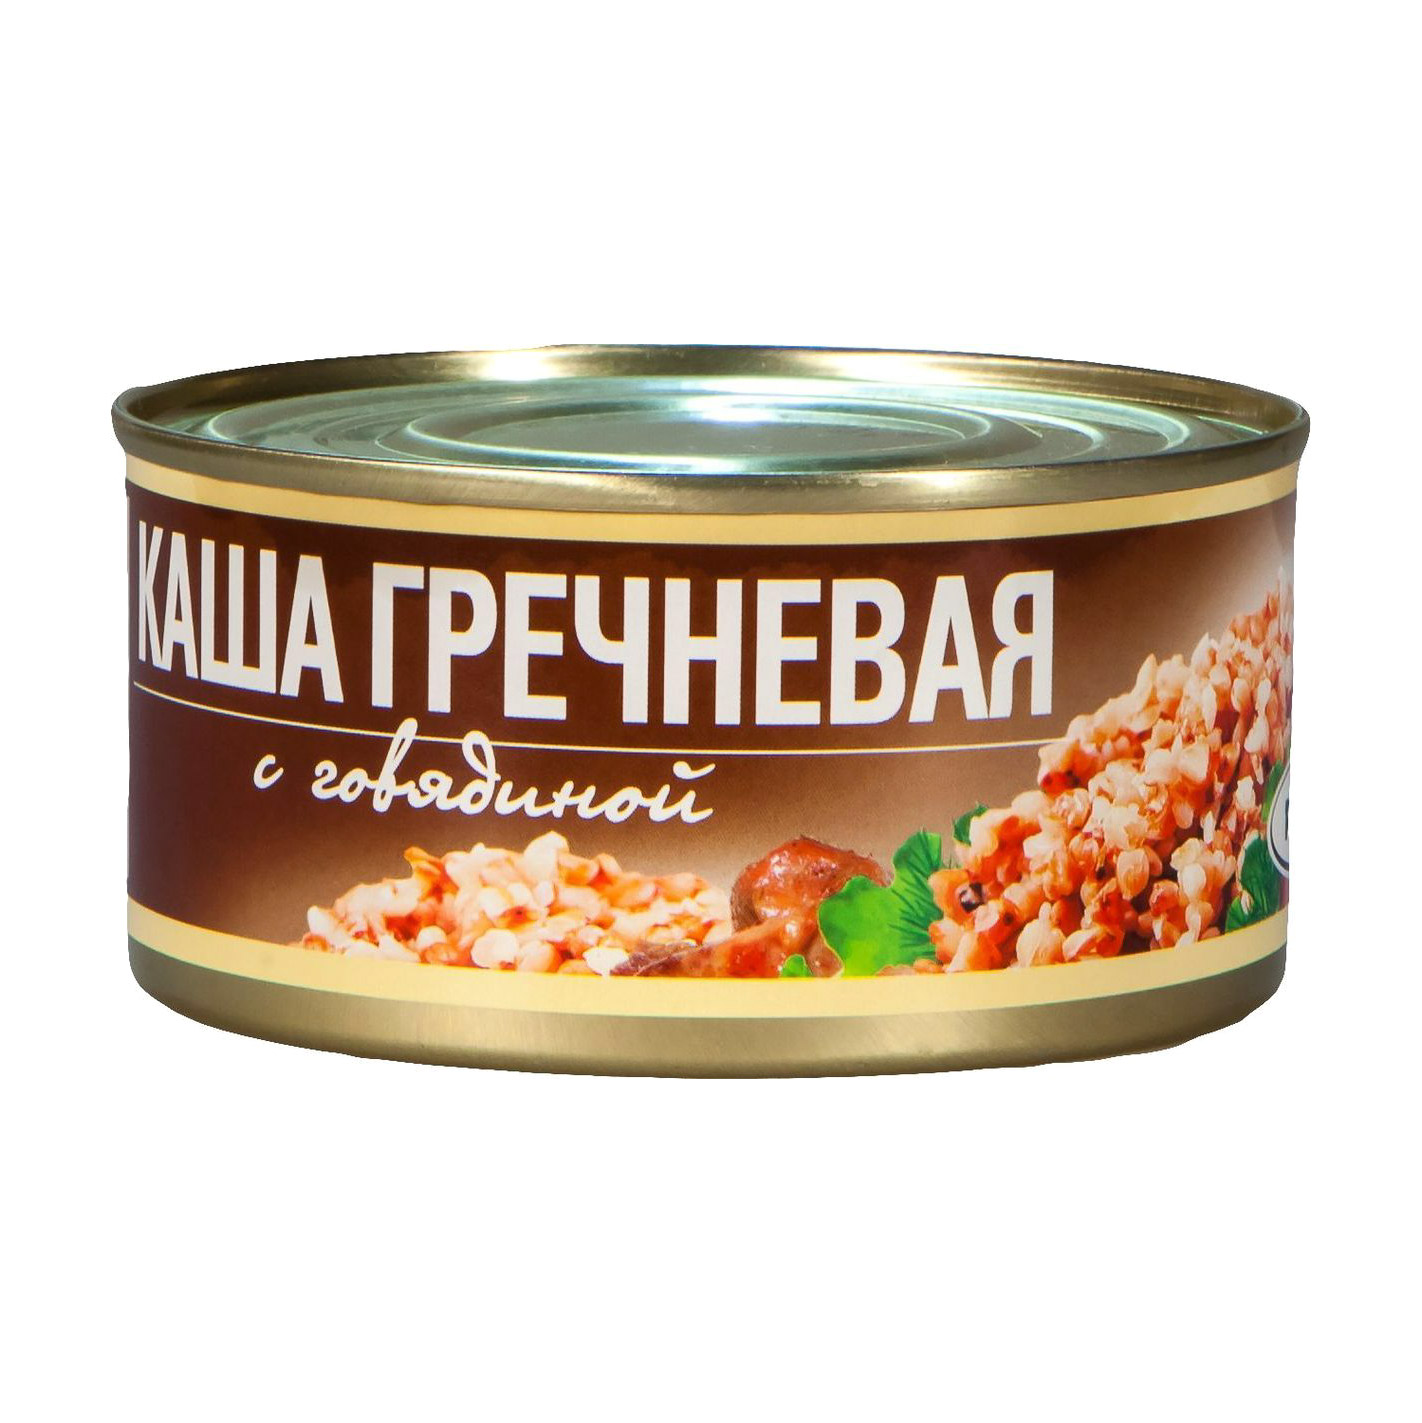 Фото - Каша гречневая Рузком с говядиной 325 г плов рузком узбекский с говядиной 325 г